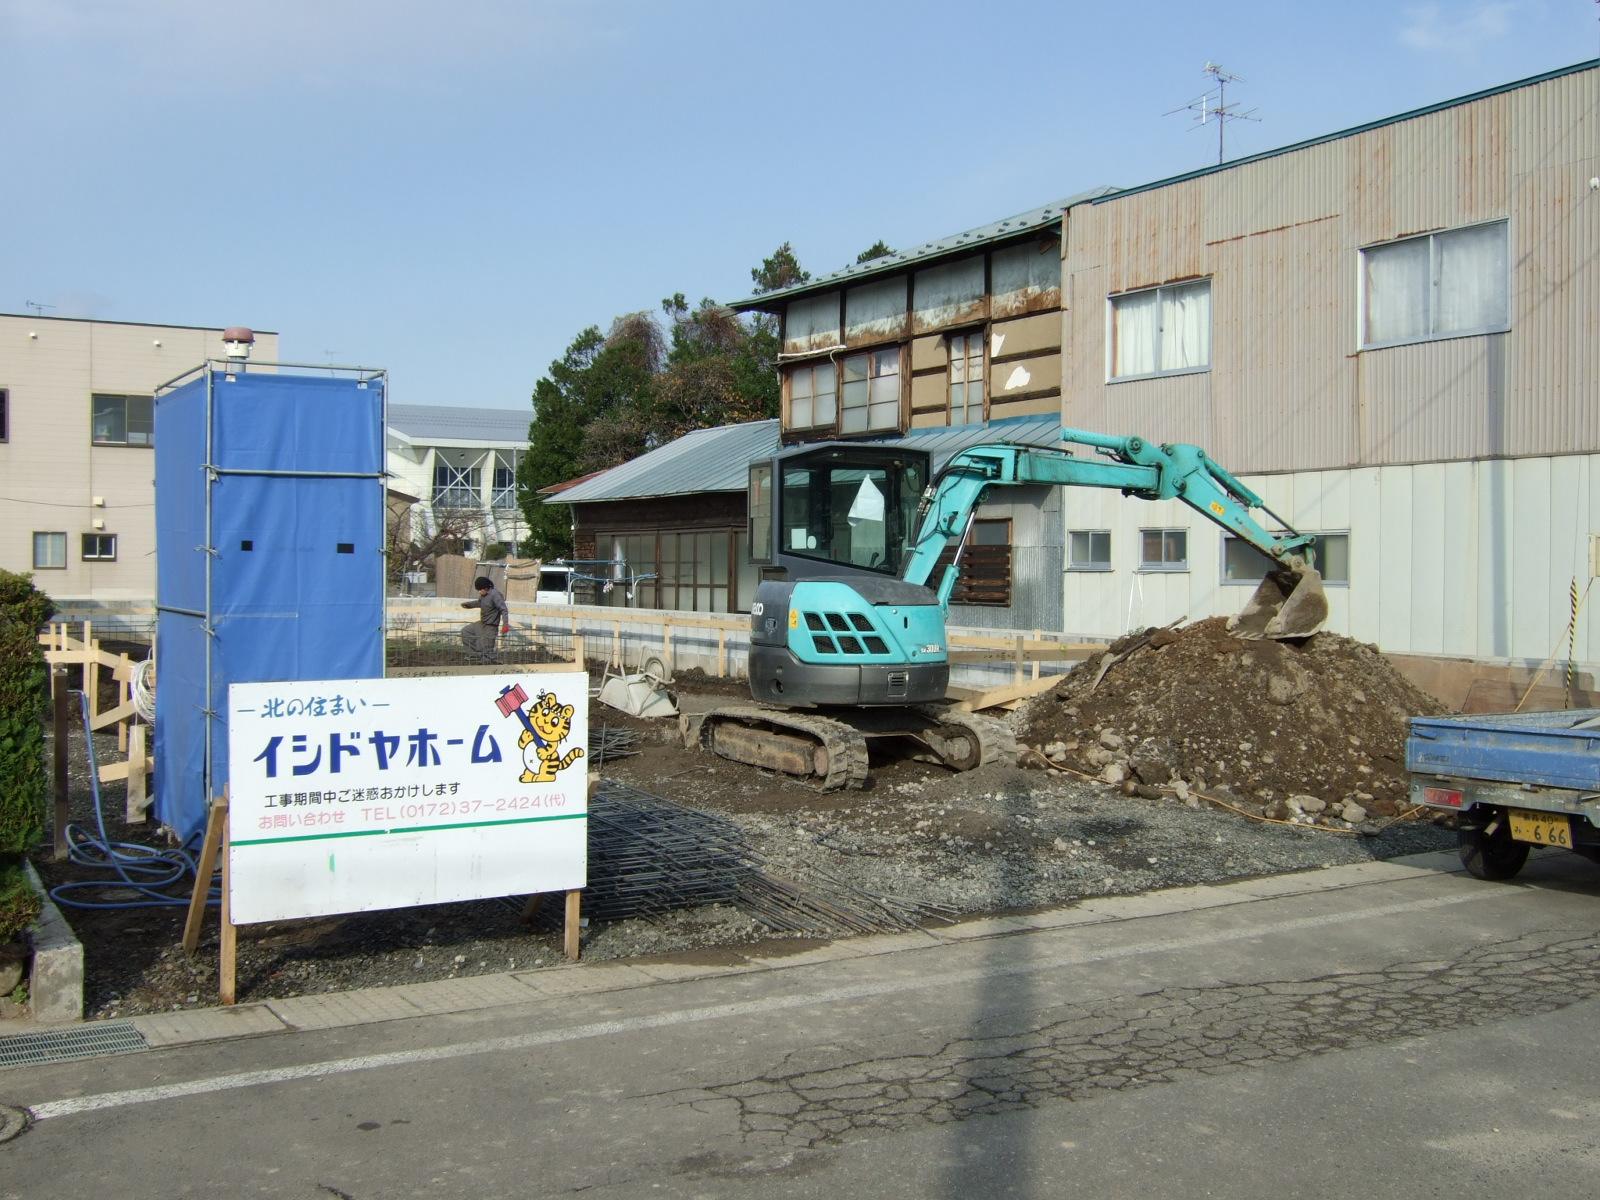 DSCF8396.jpg